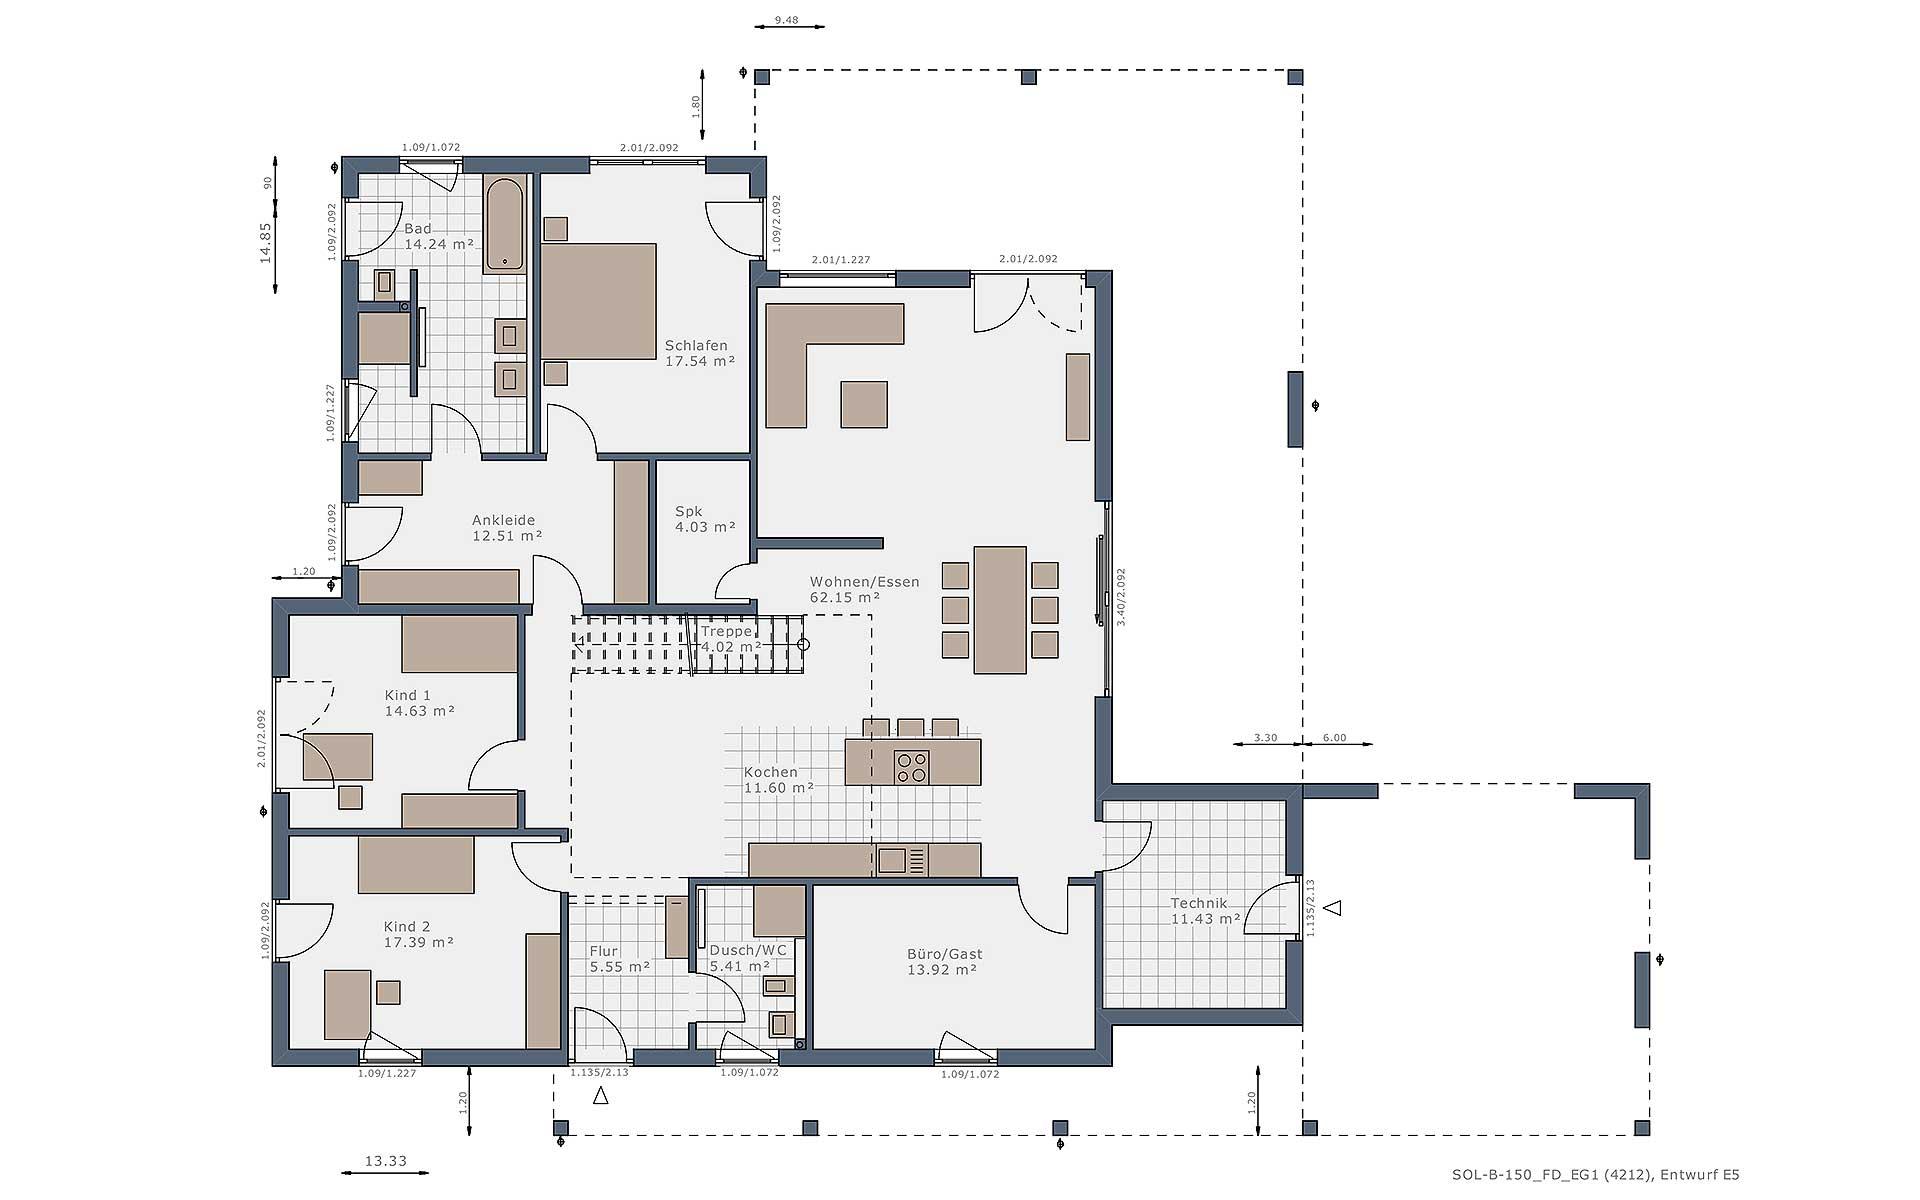 Erdgeschoss Solitaire-B-150 E5 von Schwabenhaus GmbH & Co. KG